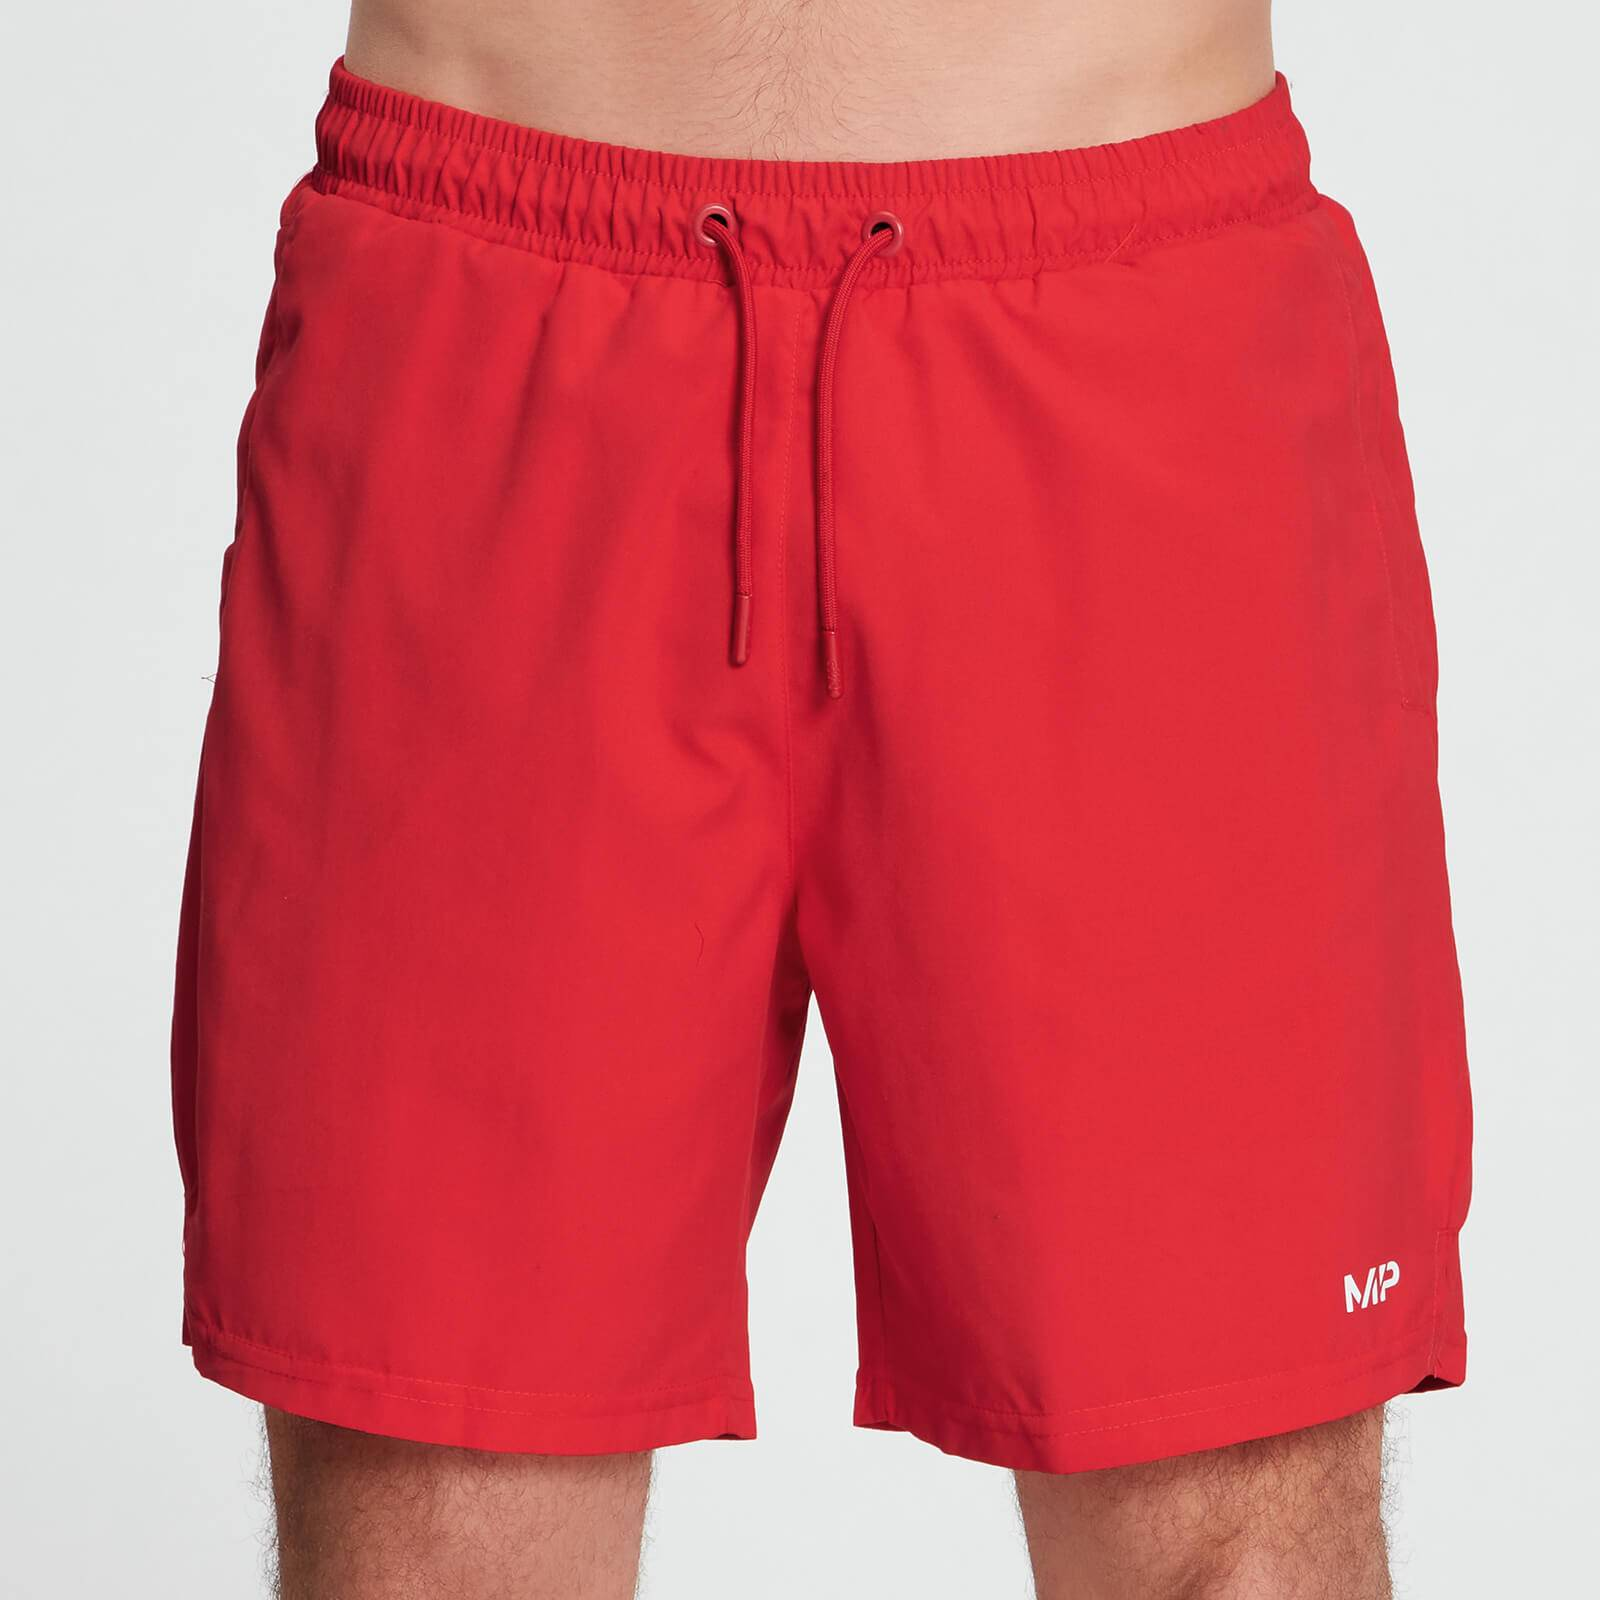 Mp Costume a pantaloncino Pacific - Rosso acceso - S